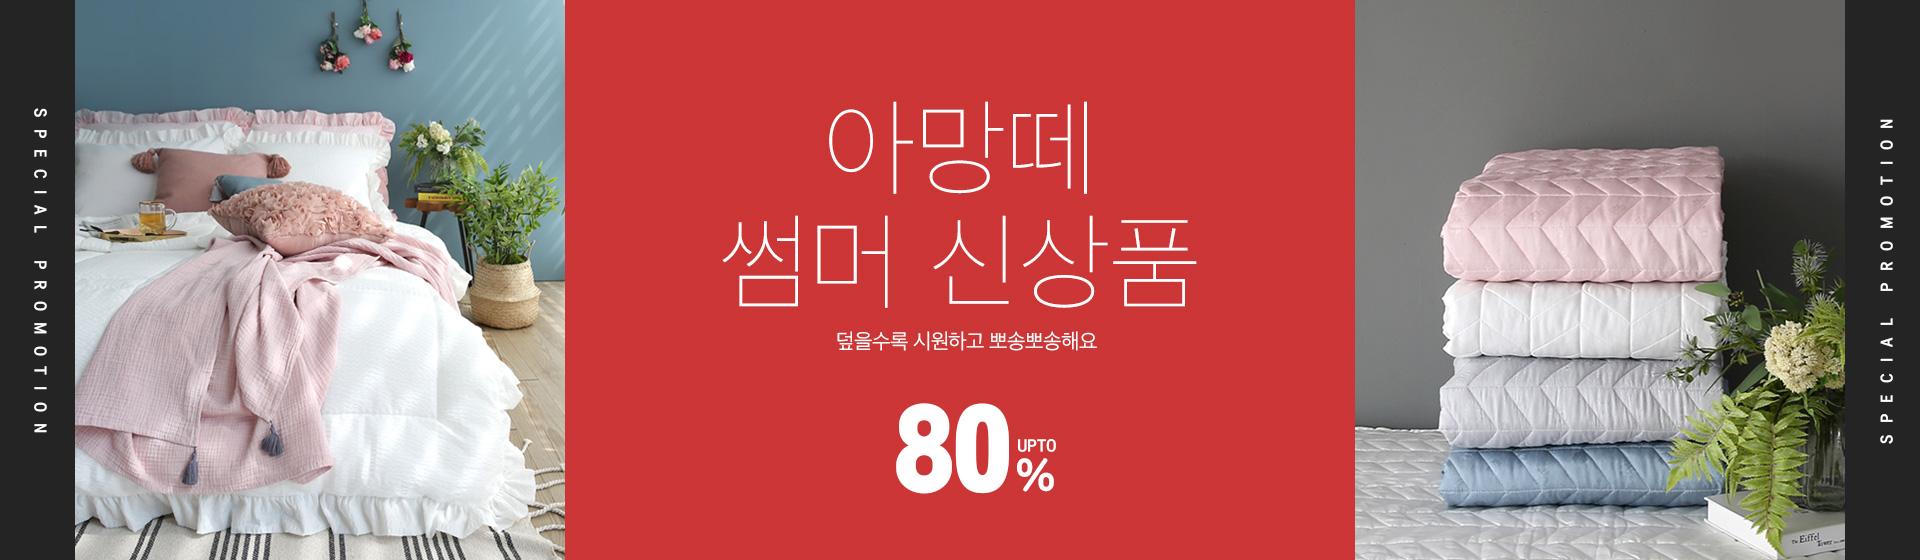 신상품80%